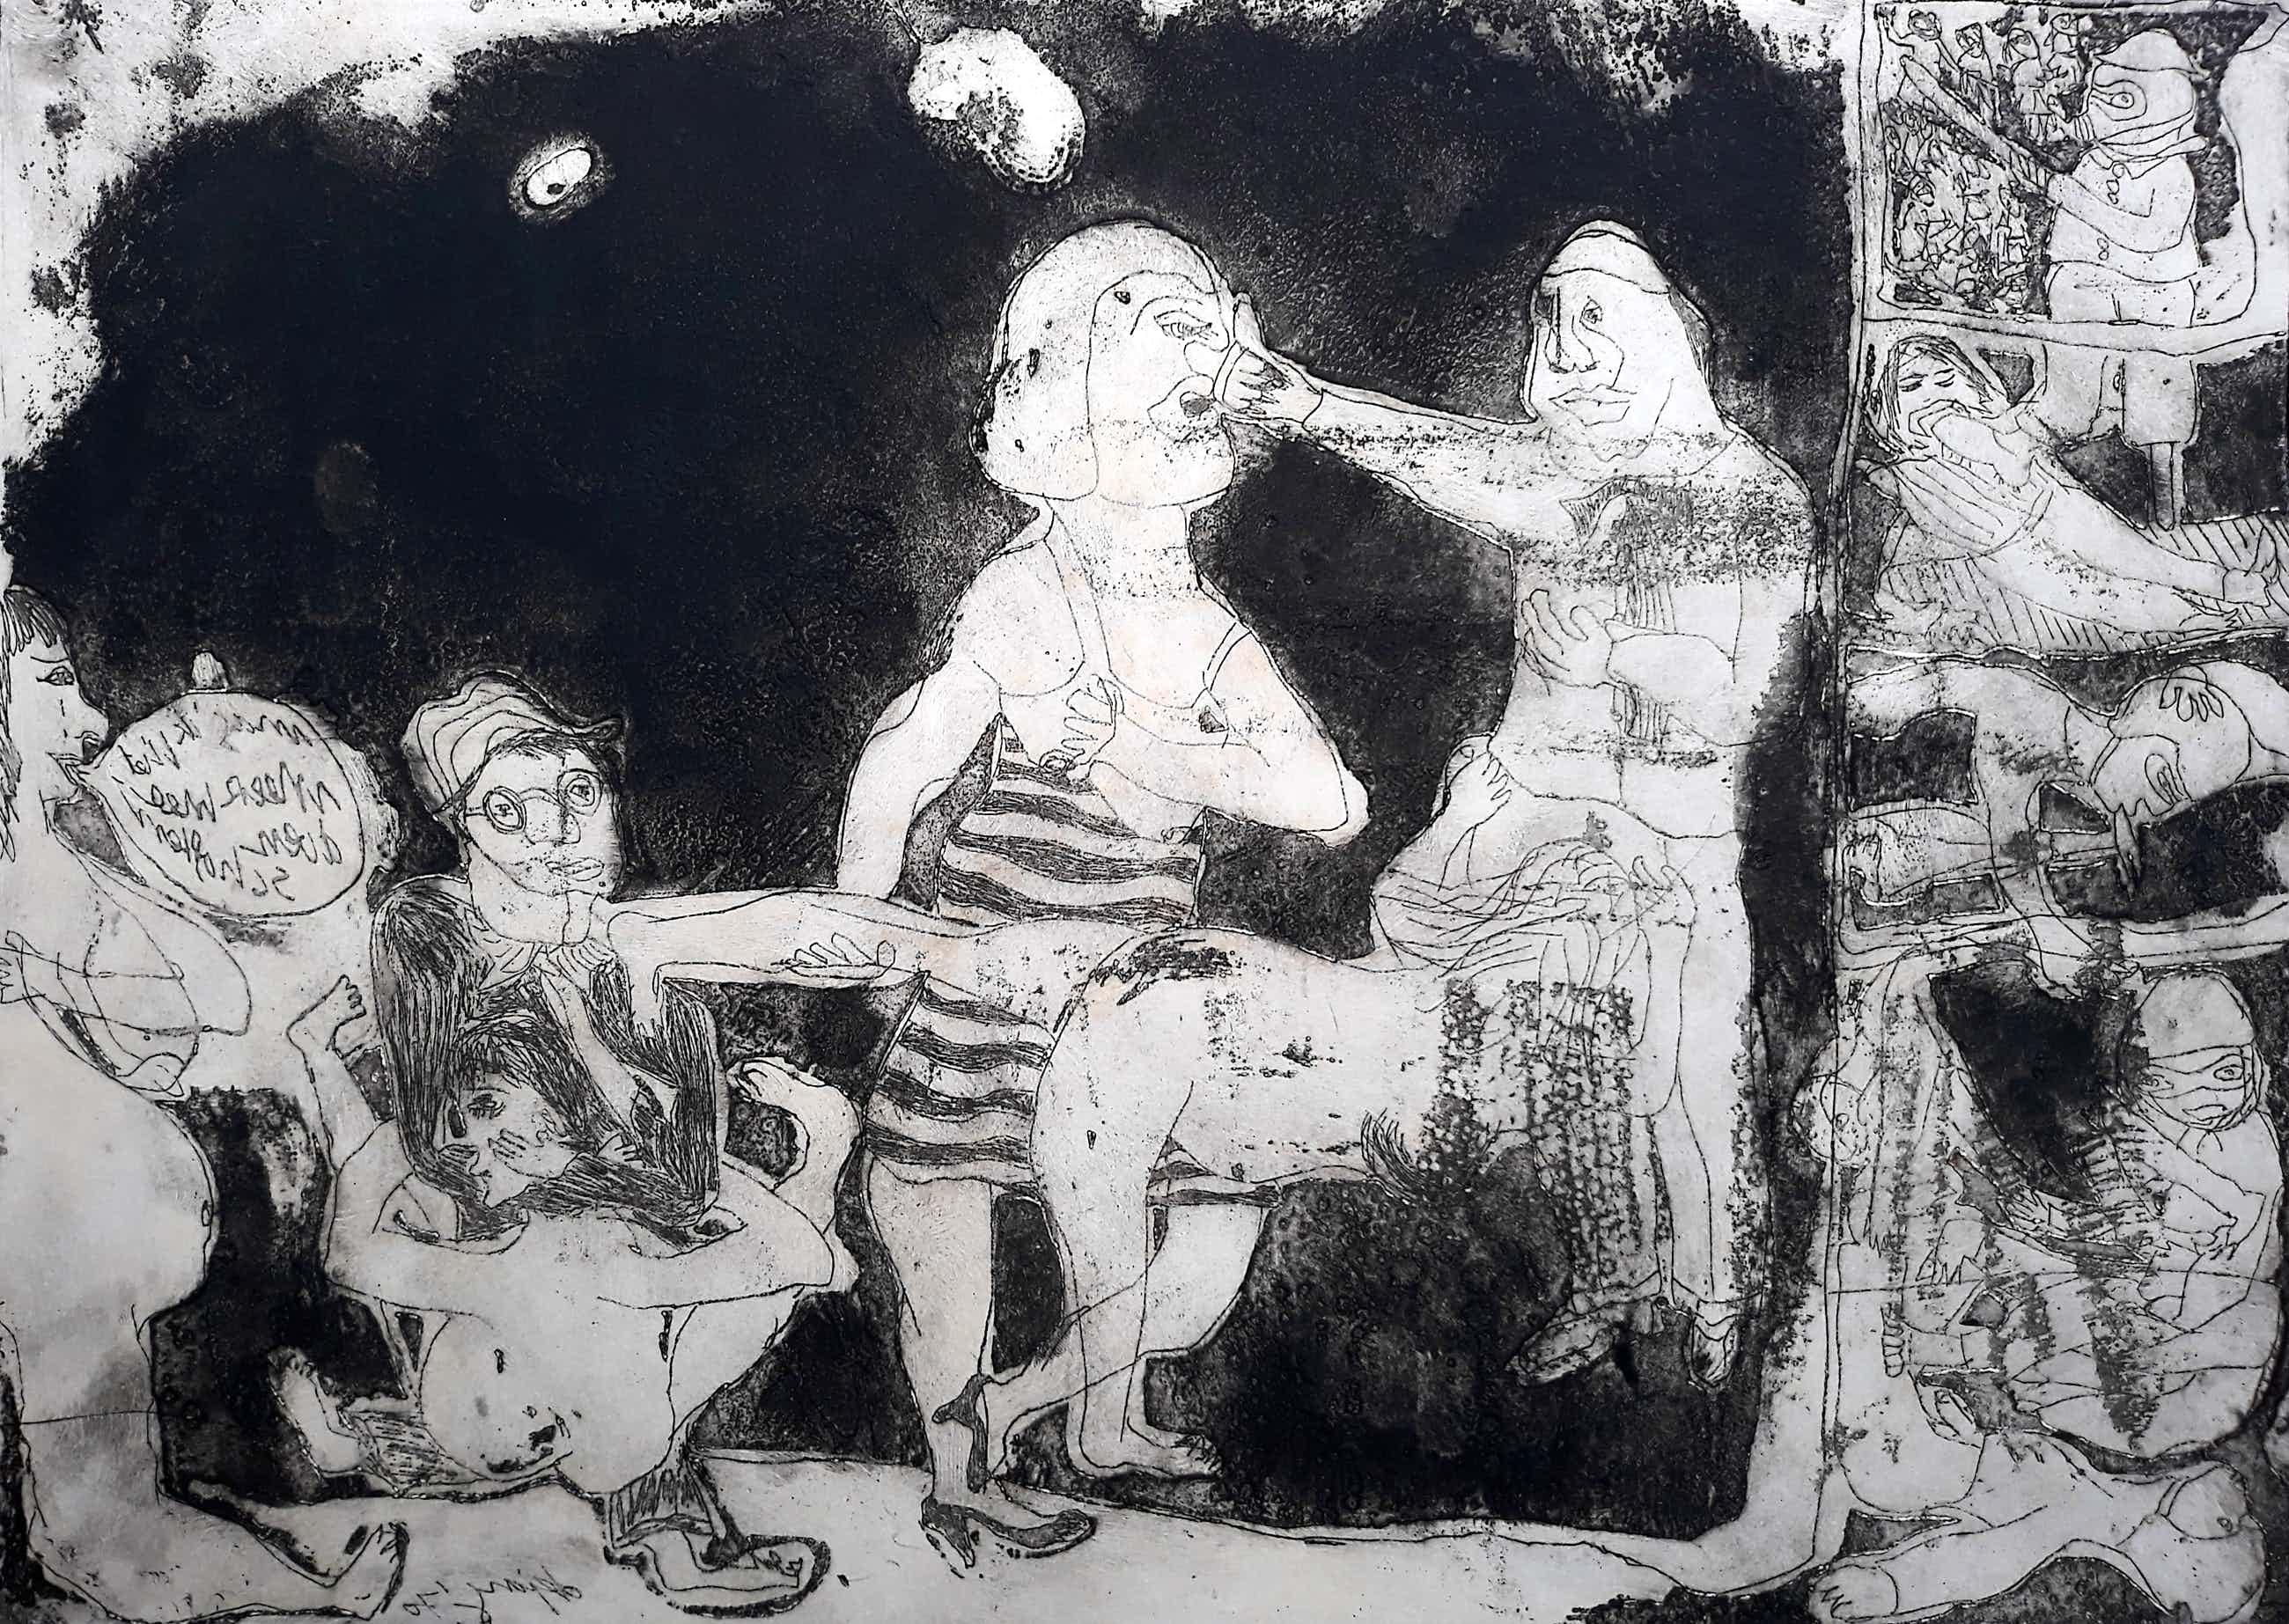 Jacqueline de Jong - Compositie met figuren, aquatint ets kopen? Bied vanaf 50!